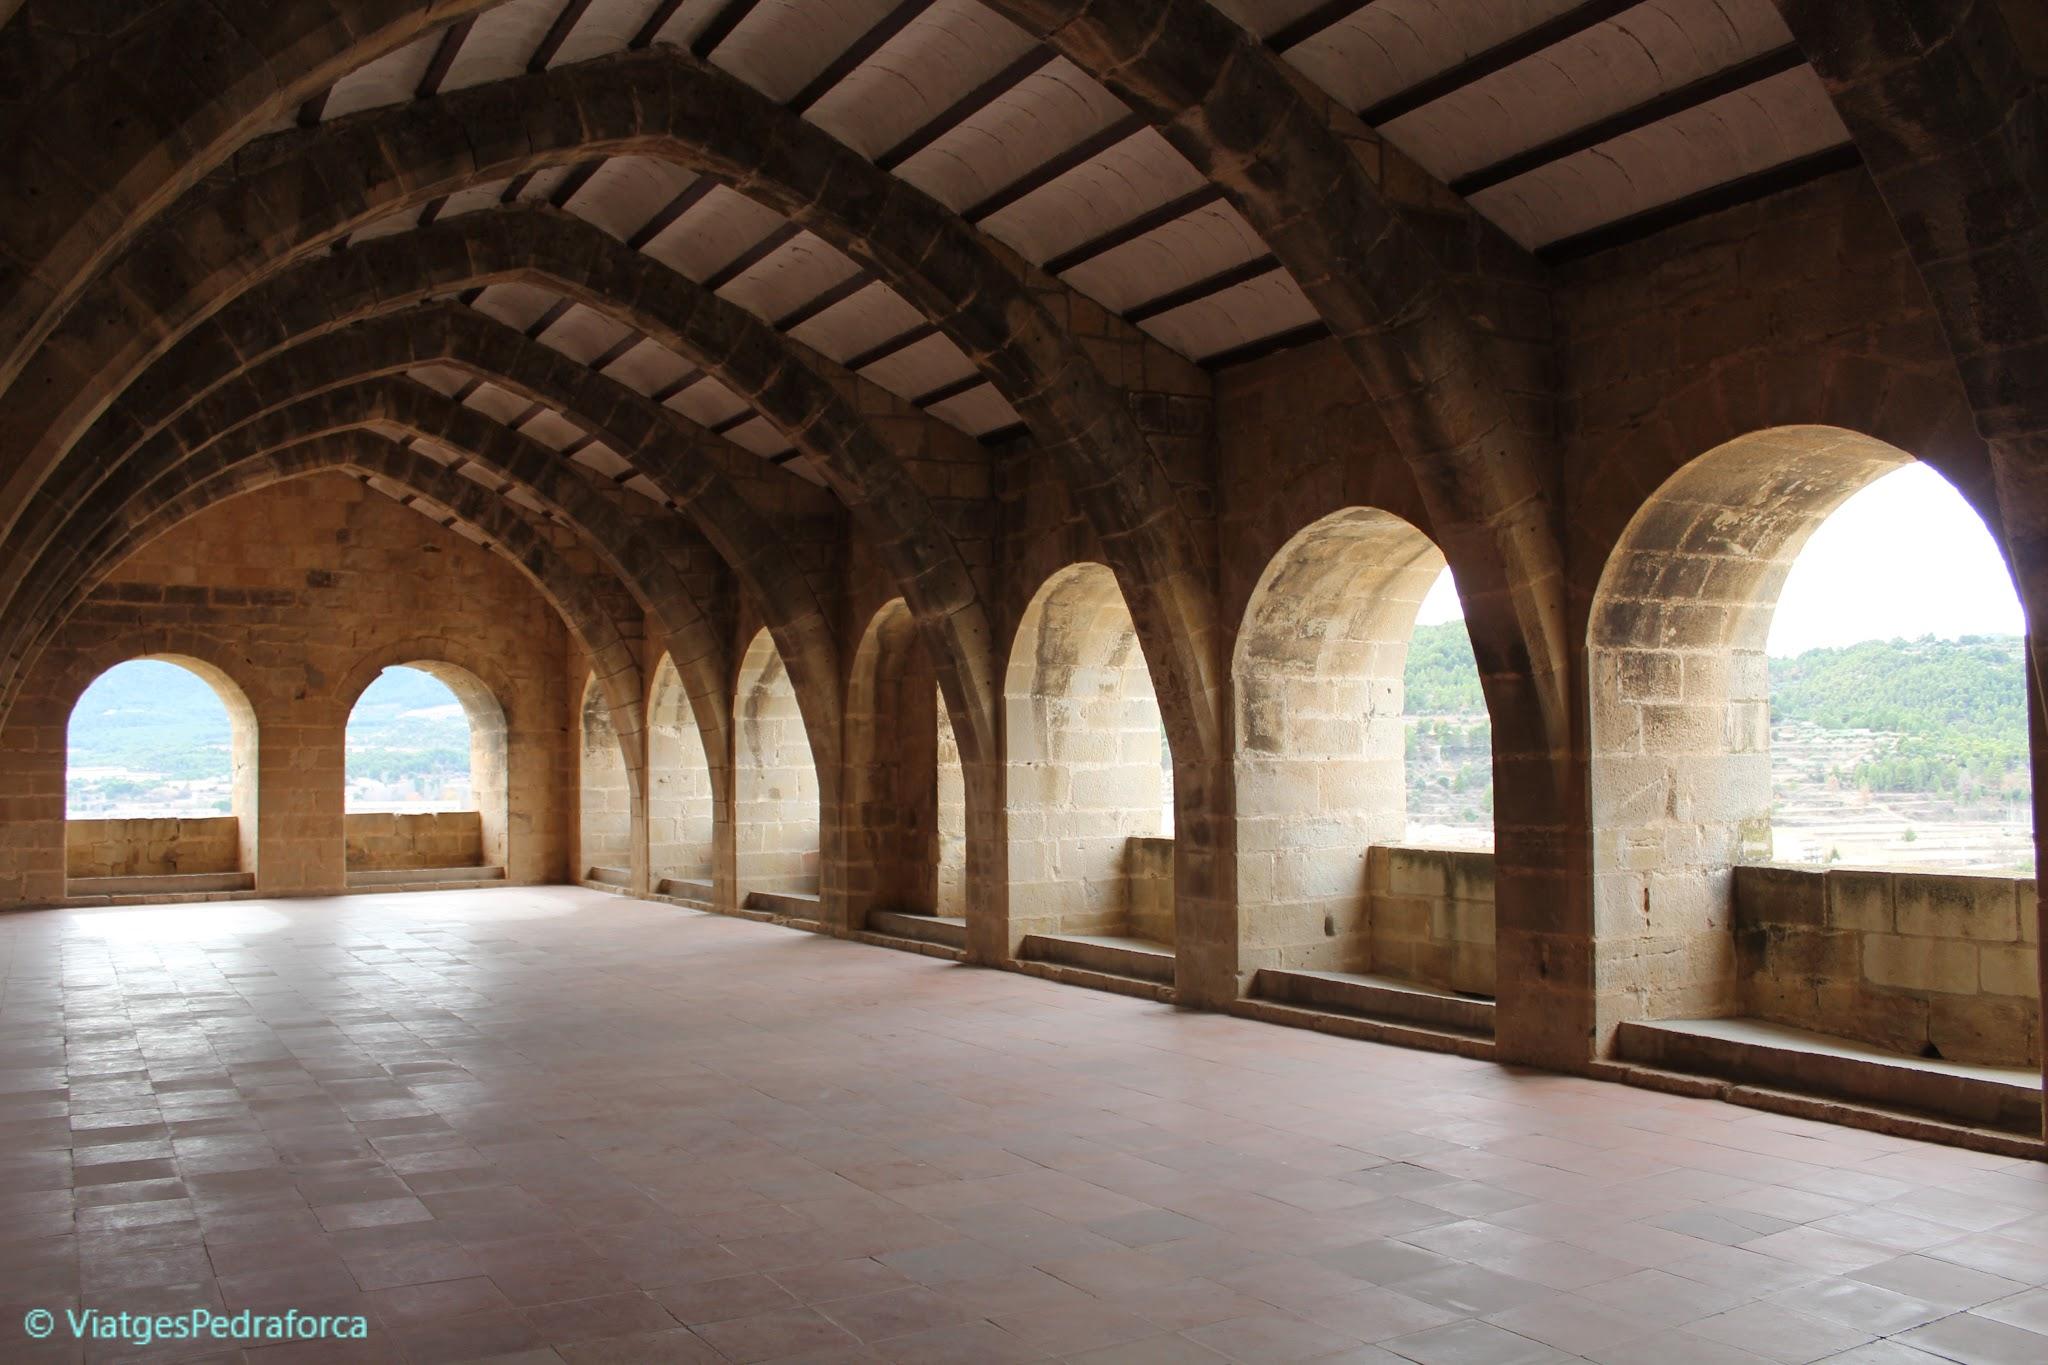 Matarranya, els pobles més bonics d'Espanya, pobles amb encant, conjunt històric, Terol, Aragó, patrimoni cultural, art gòtic